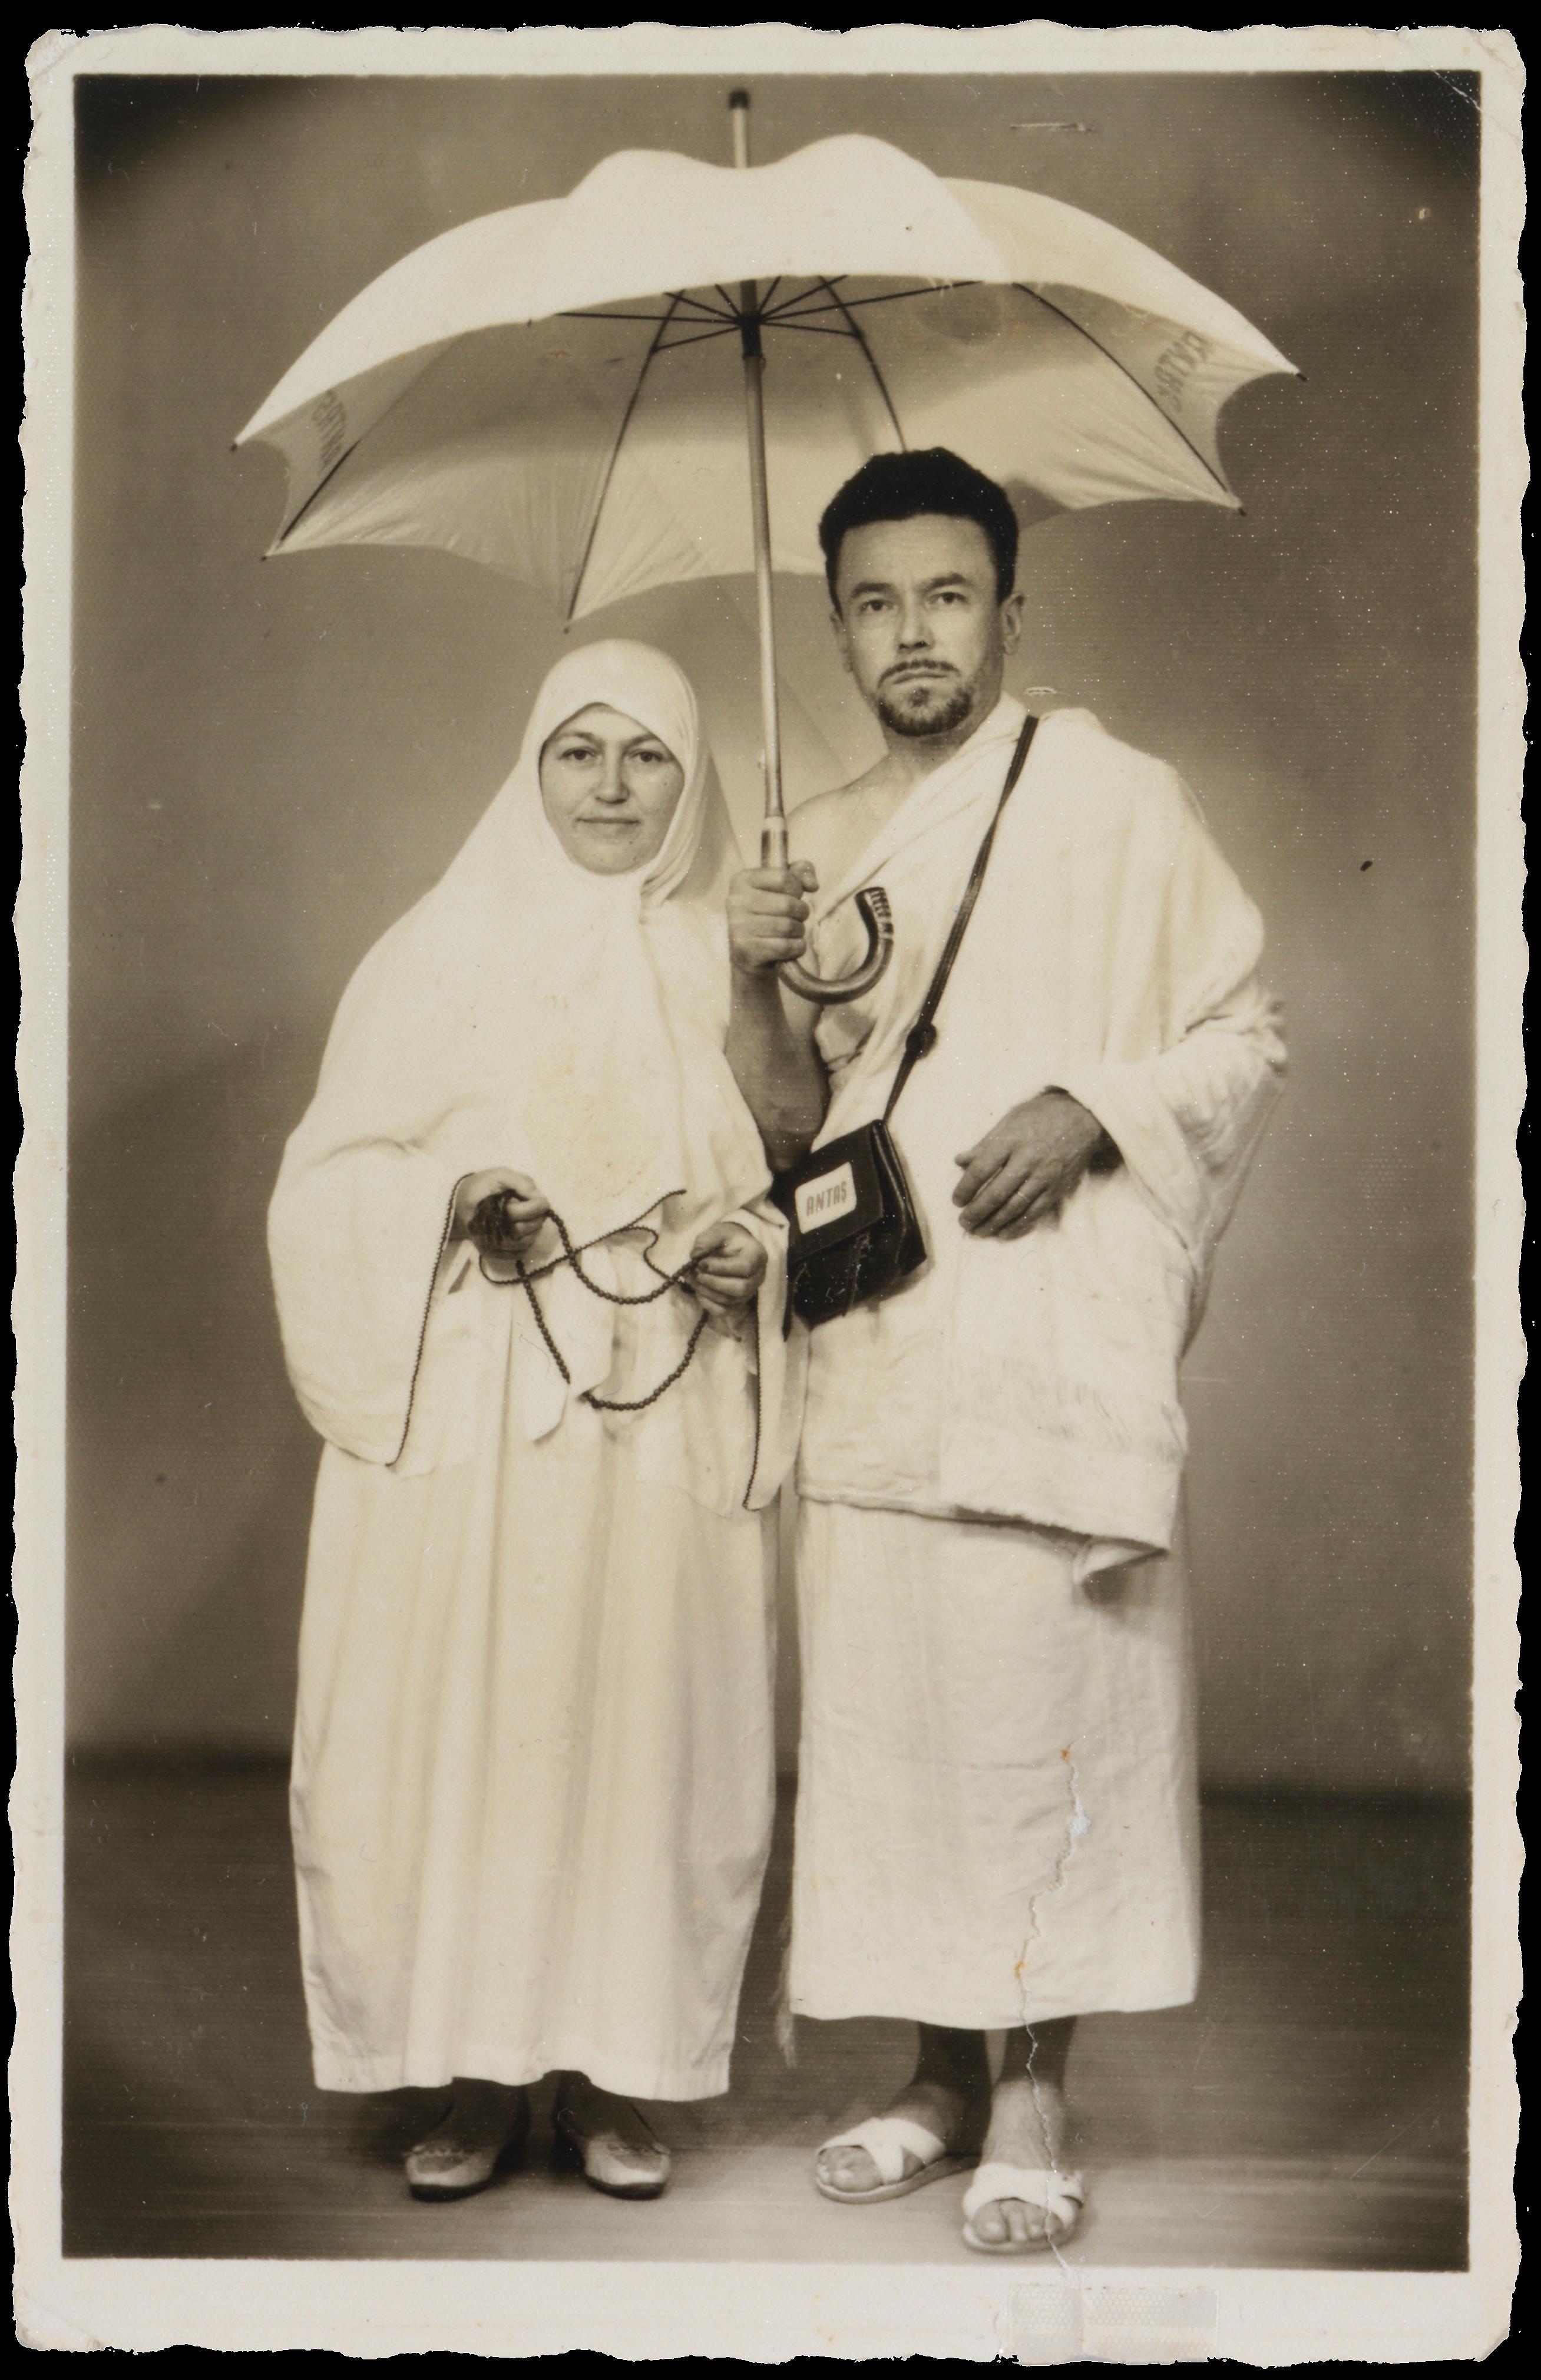 Pilgrims in ihram, studio photograph